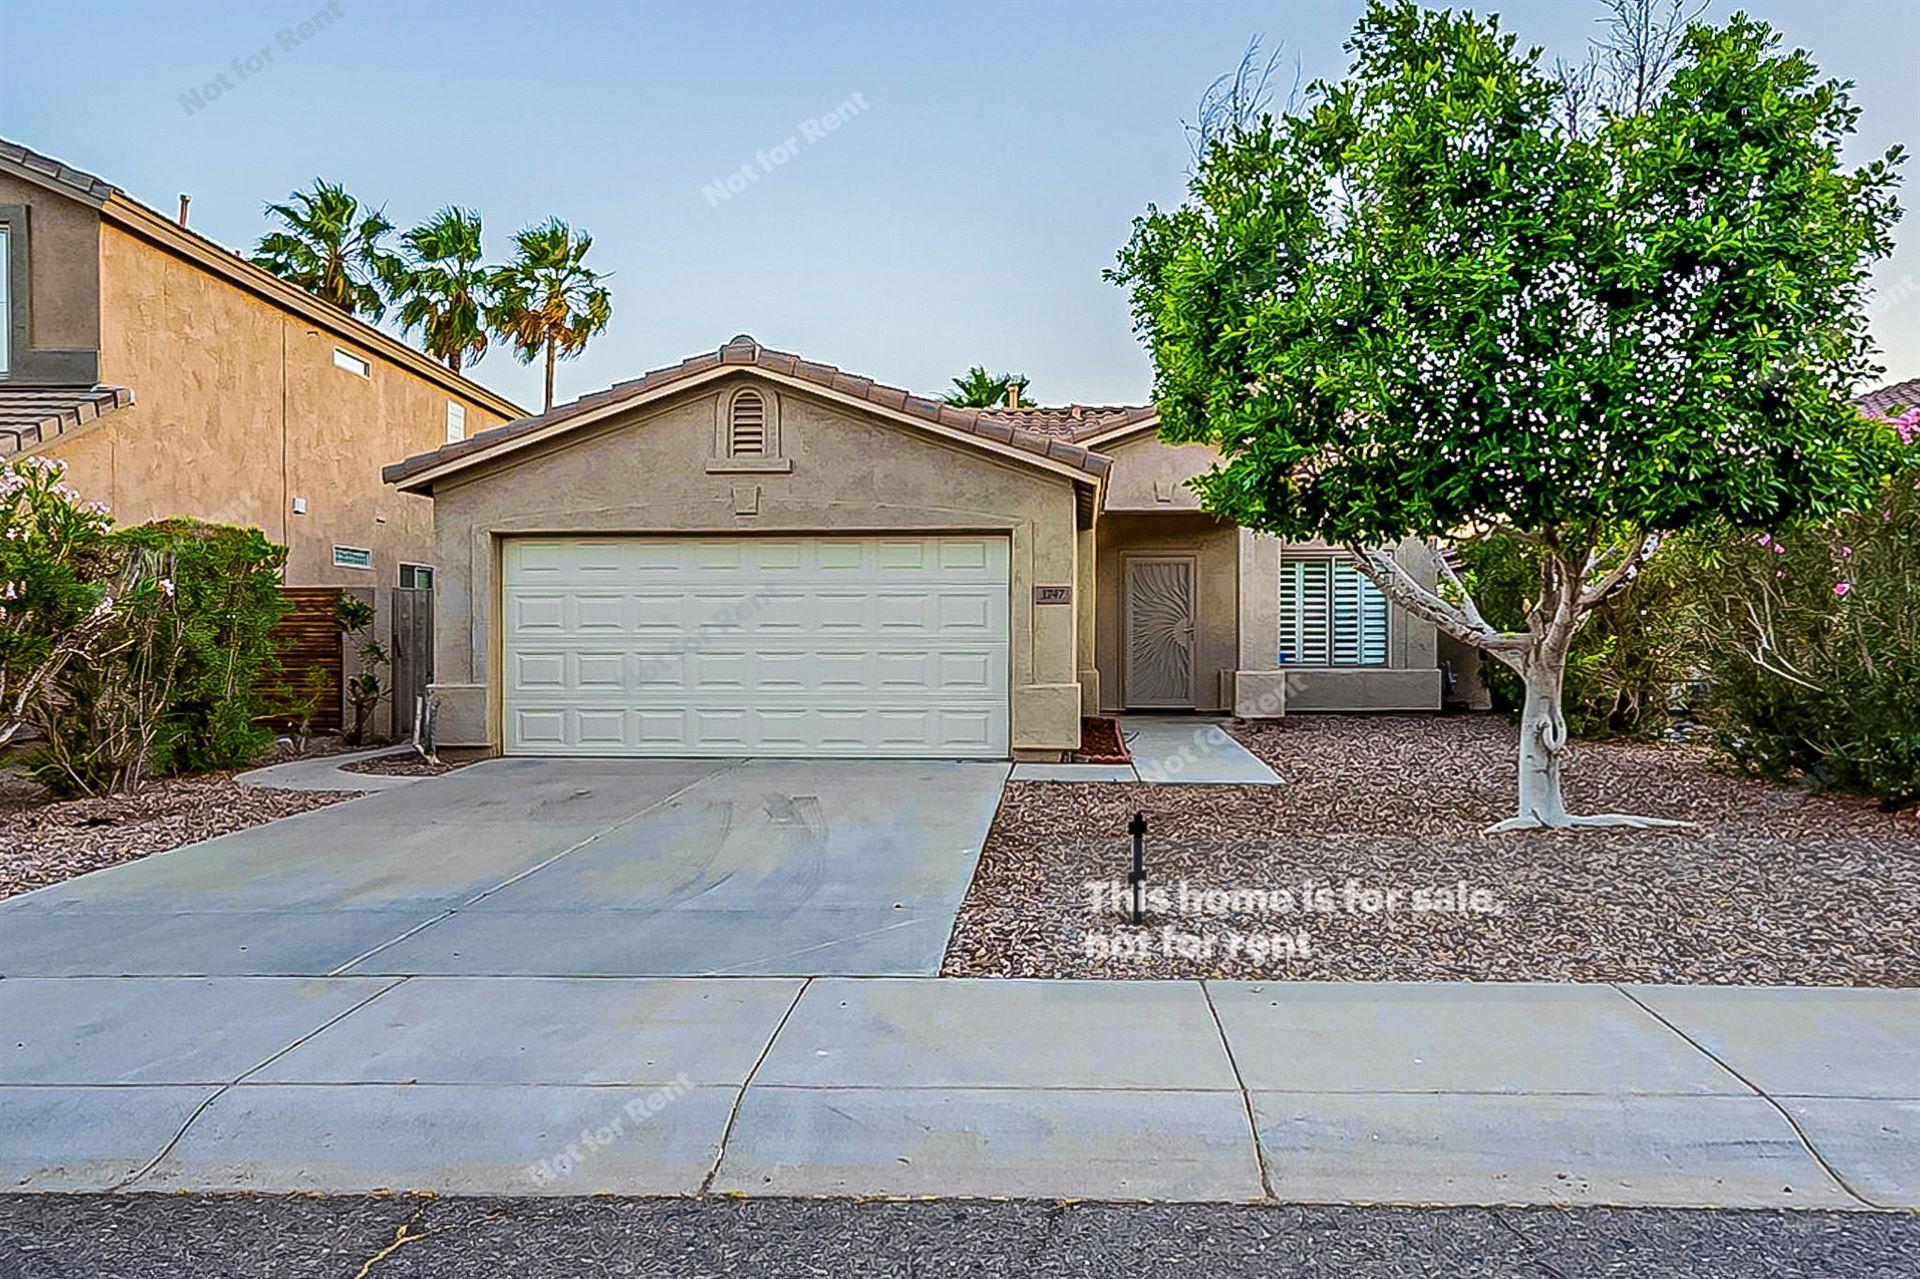 1747 W MUIRWOOD Drive, Phoenix, AZ 85045 - MLS#: 6237204